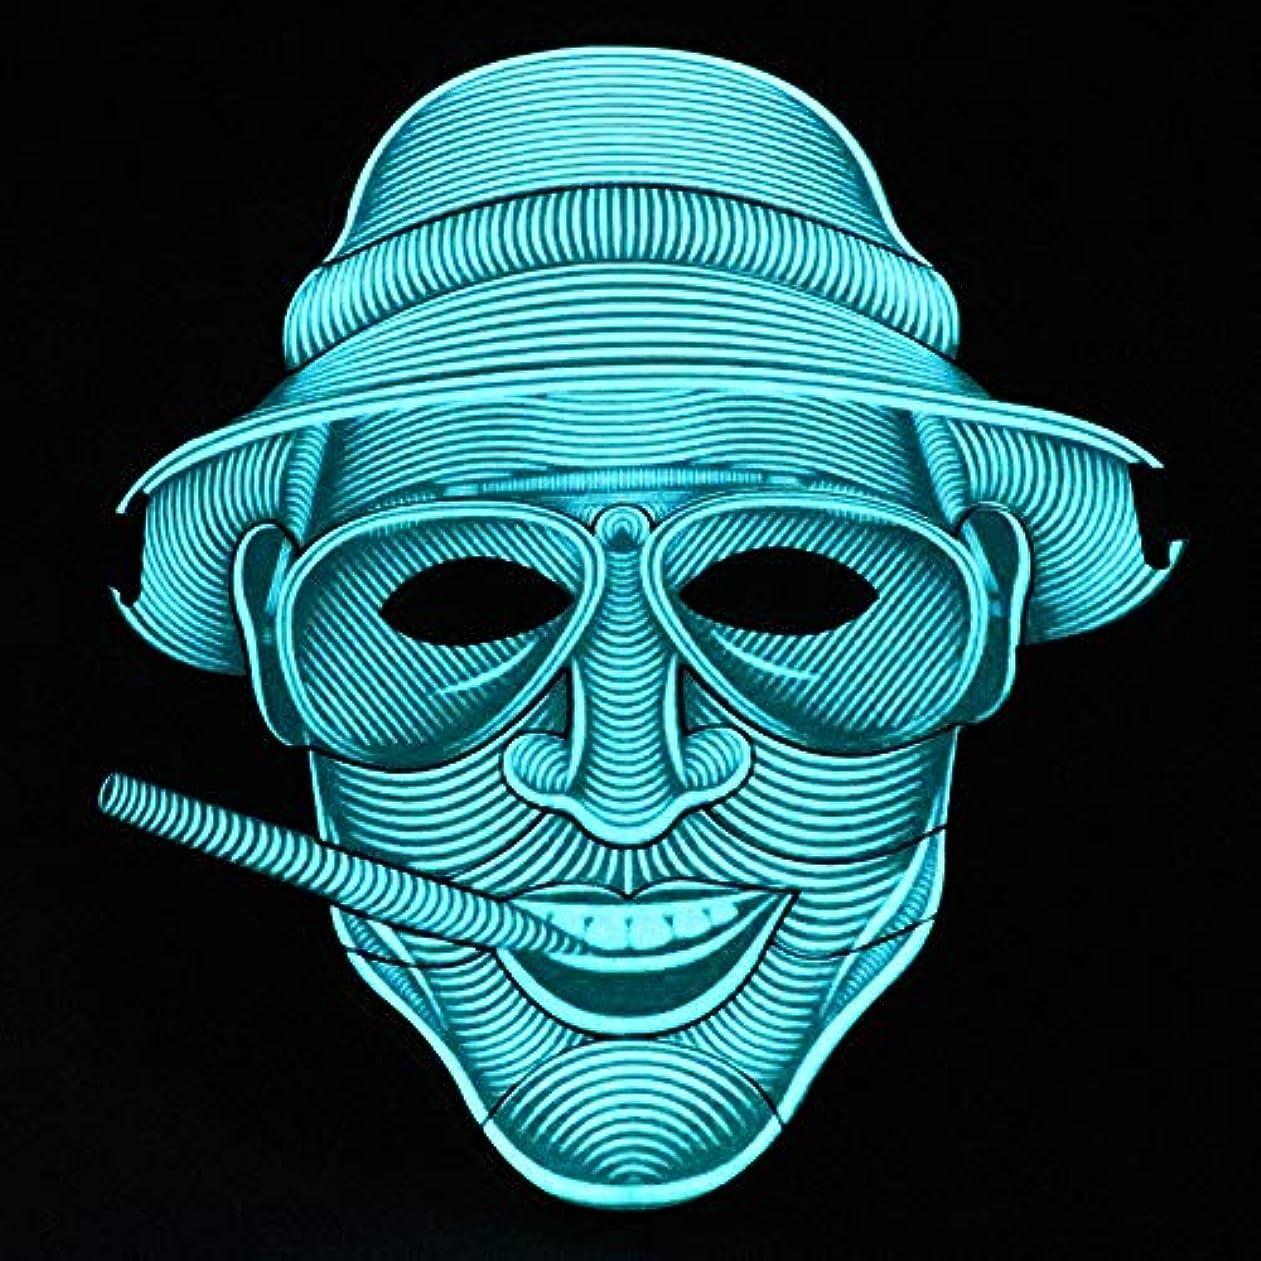 春脈拍煙照らされたマスクLED創造的な冷光音響制御マスクハロウィンバーフェスティバルダンスマスク (Color : #17)